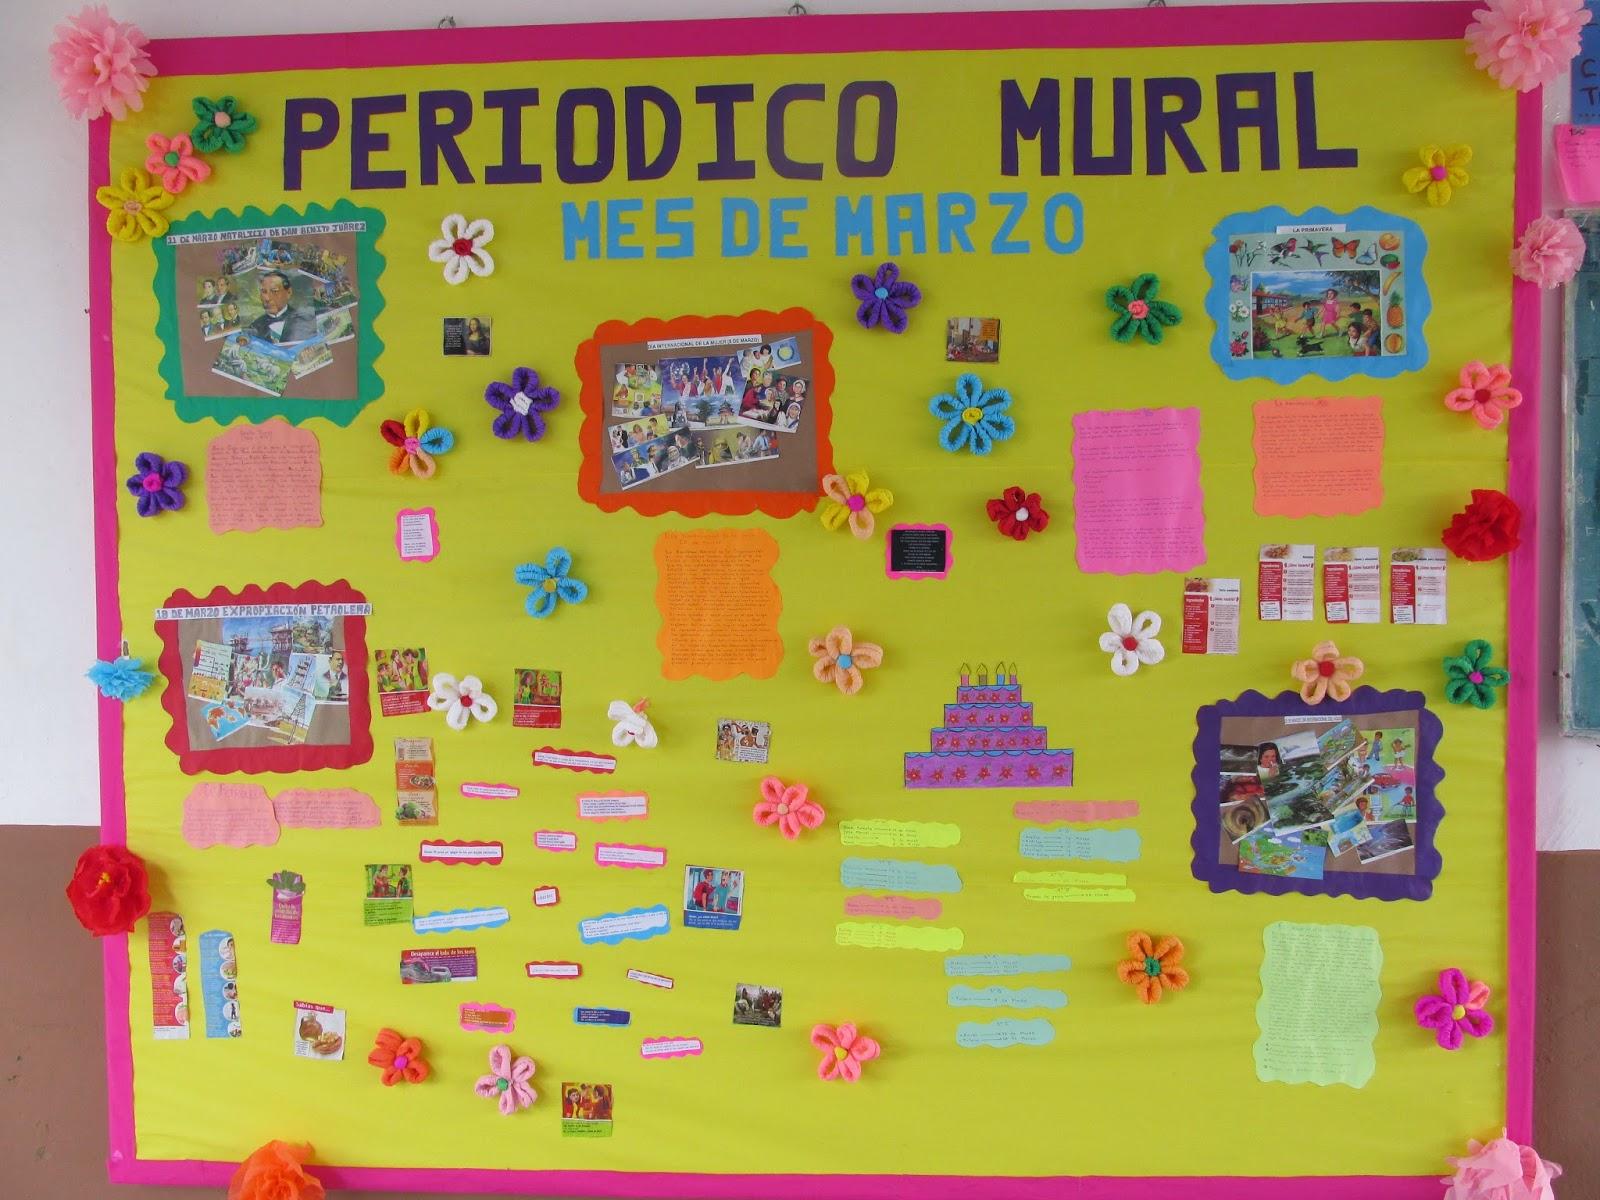 Peri dico mural marzo 7 imagenes educativas for Como elaborar un periodico mural